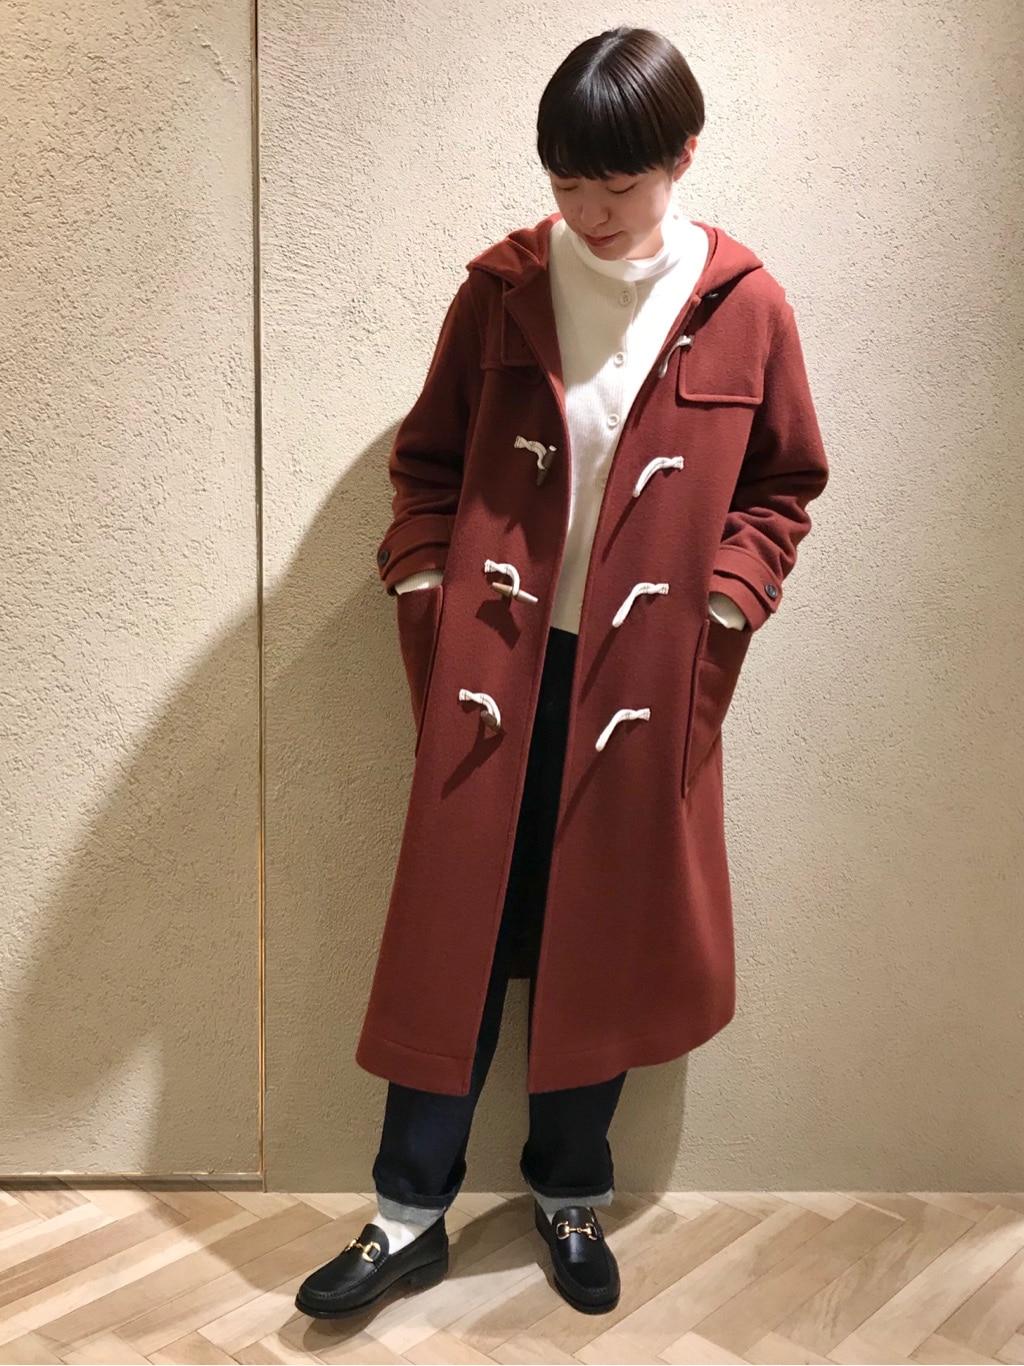 yuni ニュウマン横浜 身長:166cm 2020.12.22